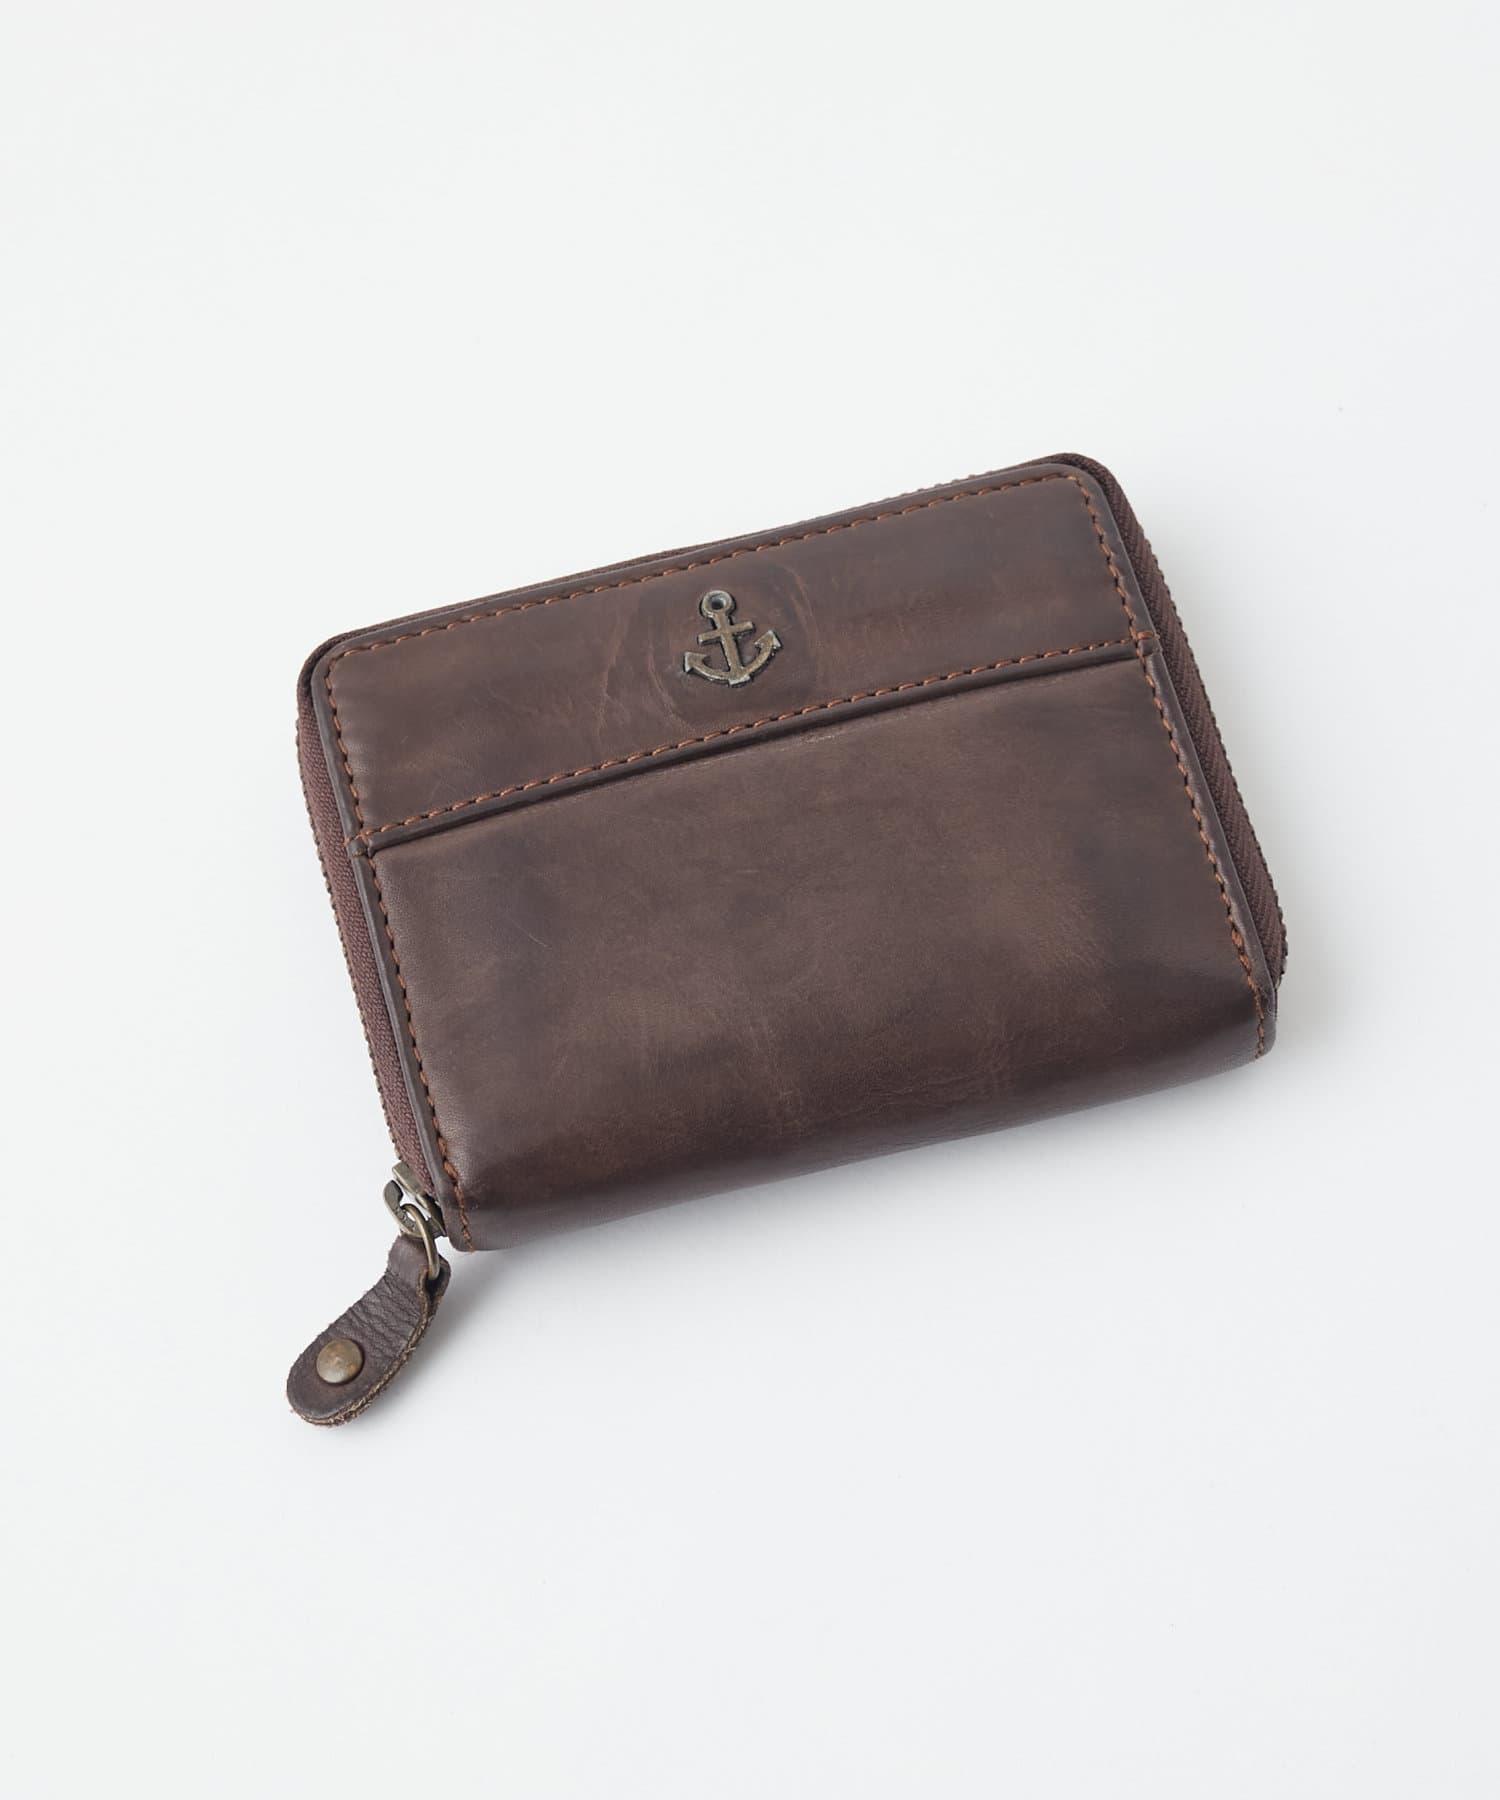 BEARDSLEY(ビアズリー) 《HARBOUR 2nd/ハーバー・セカンド》ミニ財布